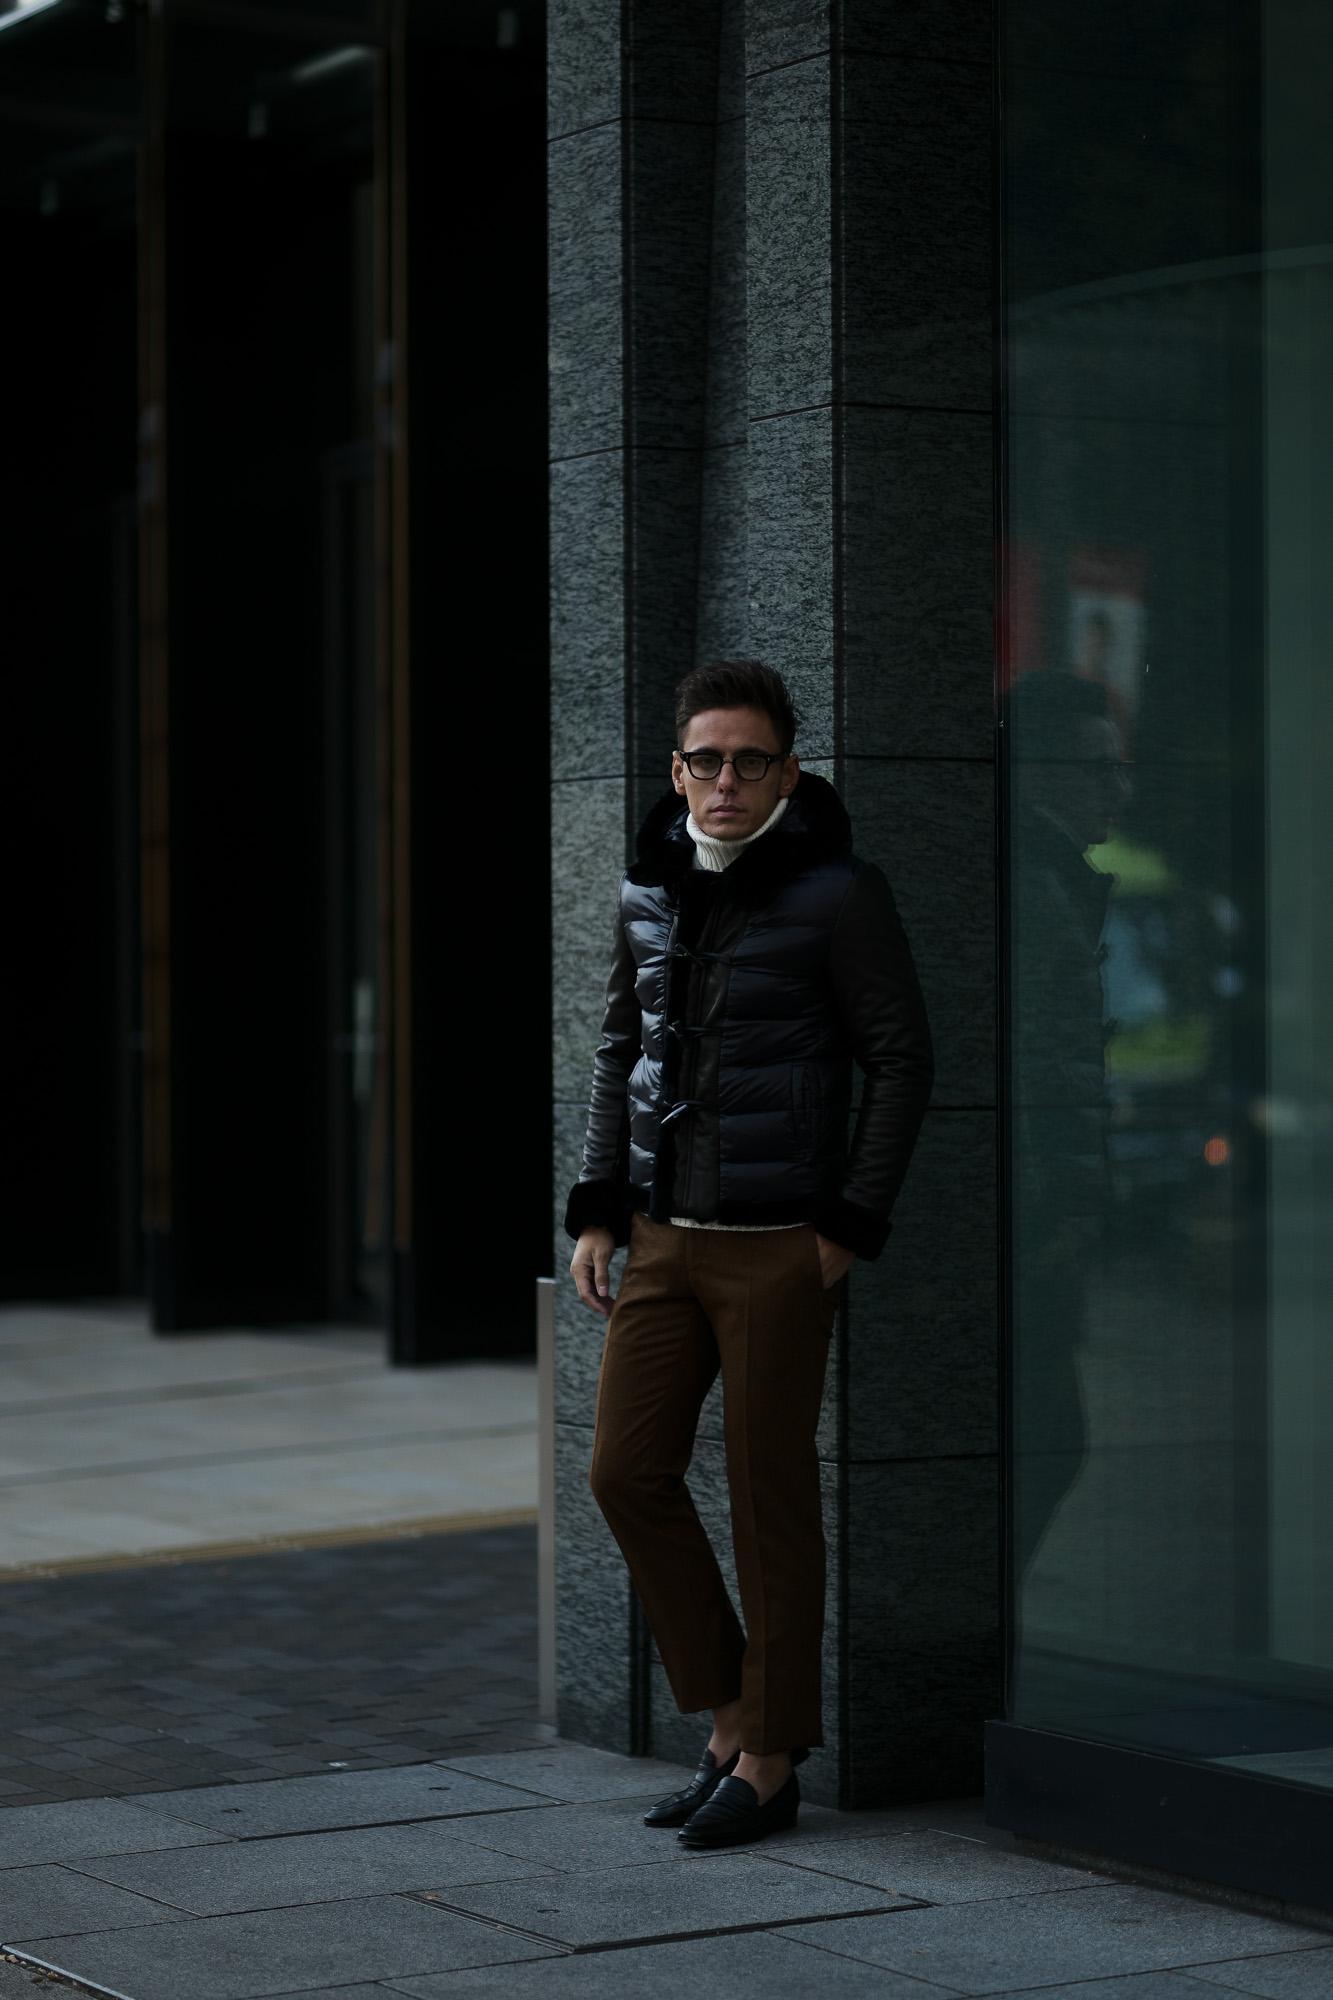 EMMETI (エンメティ) FERNANDO (フェルナンド) Lambskin Nappa Leather × Mouton × Nylon (ラムナッパレザー × ムートン × ナイロン) ムートンダウンジャケット NERO (ブラック・190/1) Made in italy (イタリア製) 2018 秋冬新作 emmeti ダウン ムートン レザー 愛知 名古屋 Alto e Diritto アルト エ デリット